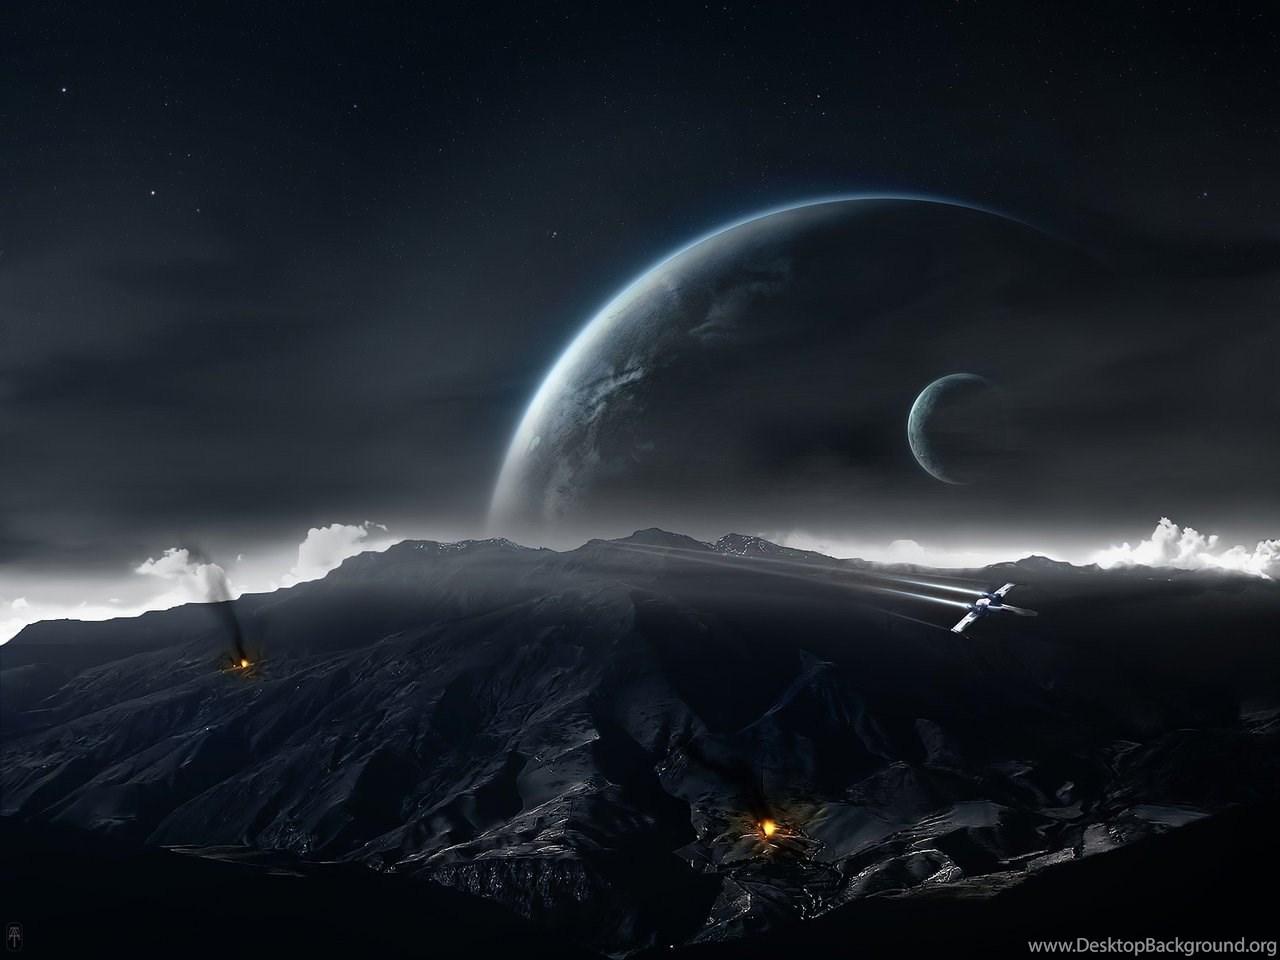 Star Wars Planet Moon Battle Space Art Wallpapers Hd Desktop Desktop Background